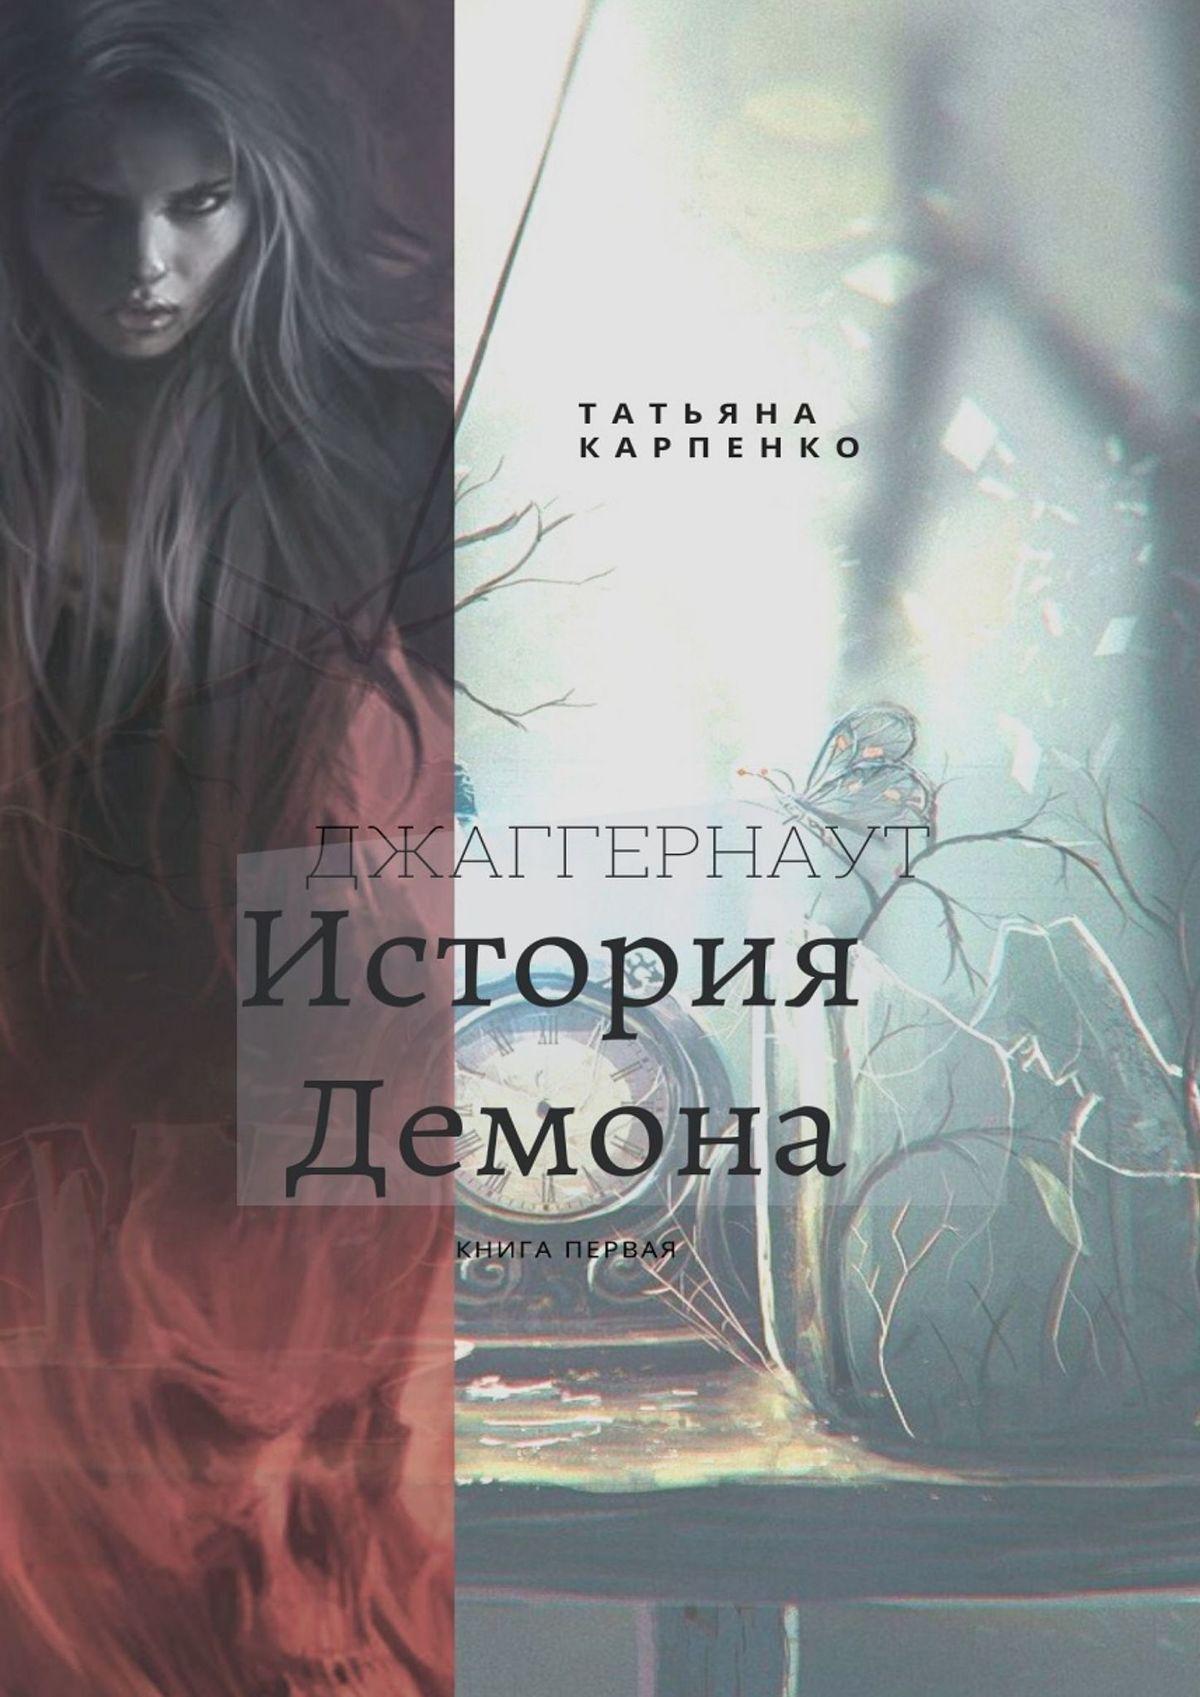 Джаггернаут. Книга первая. История демона